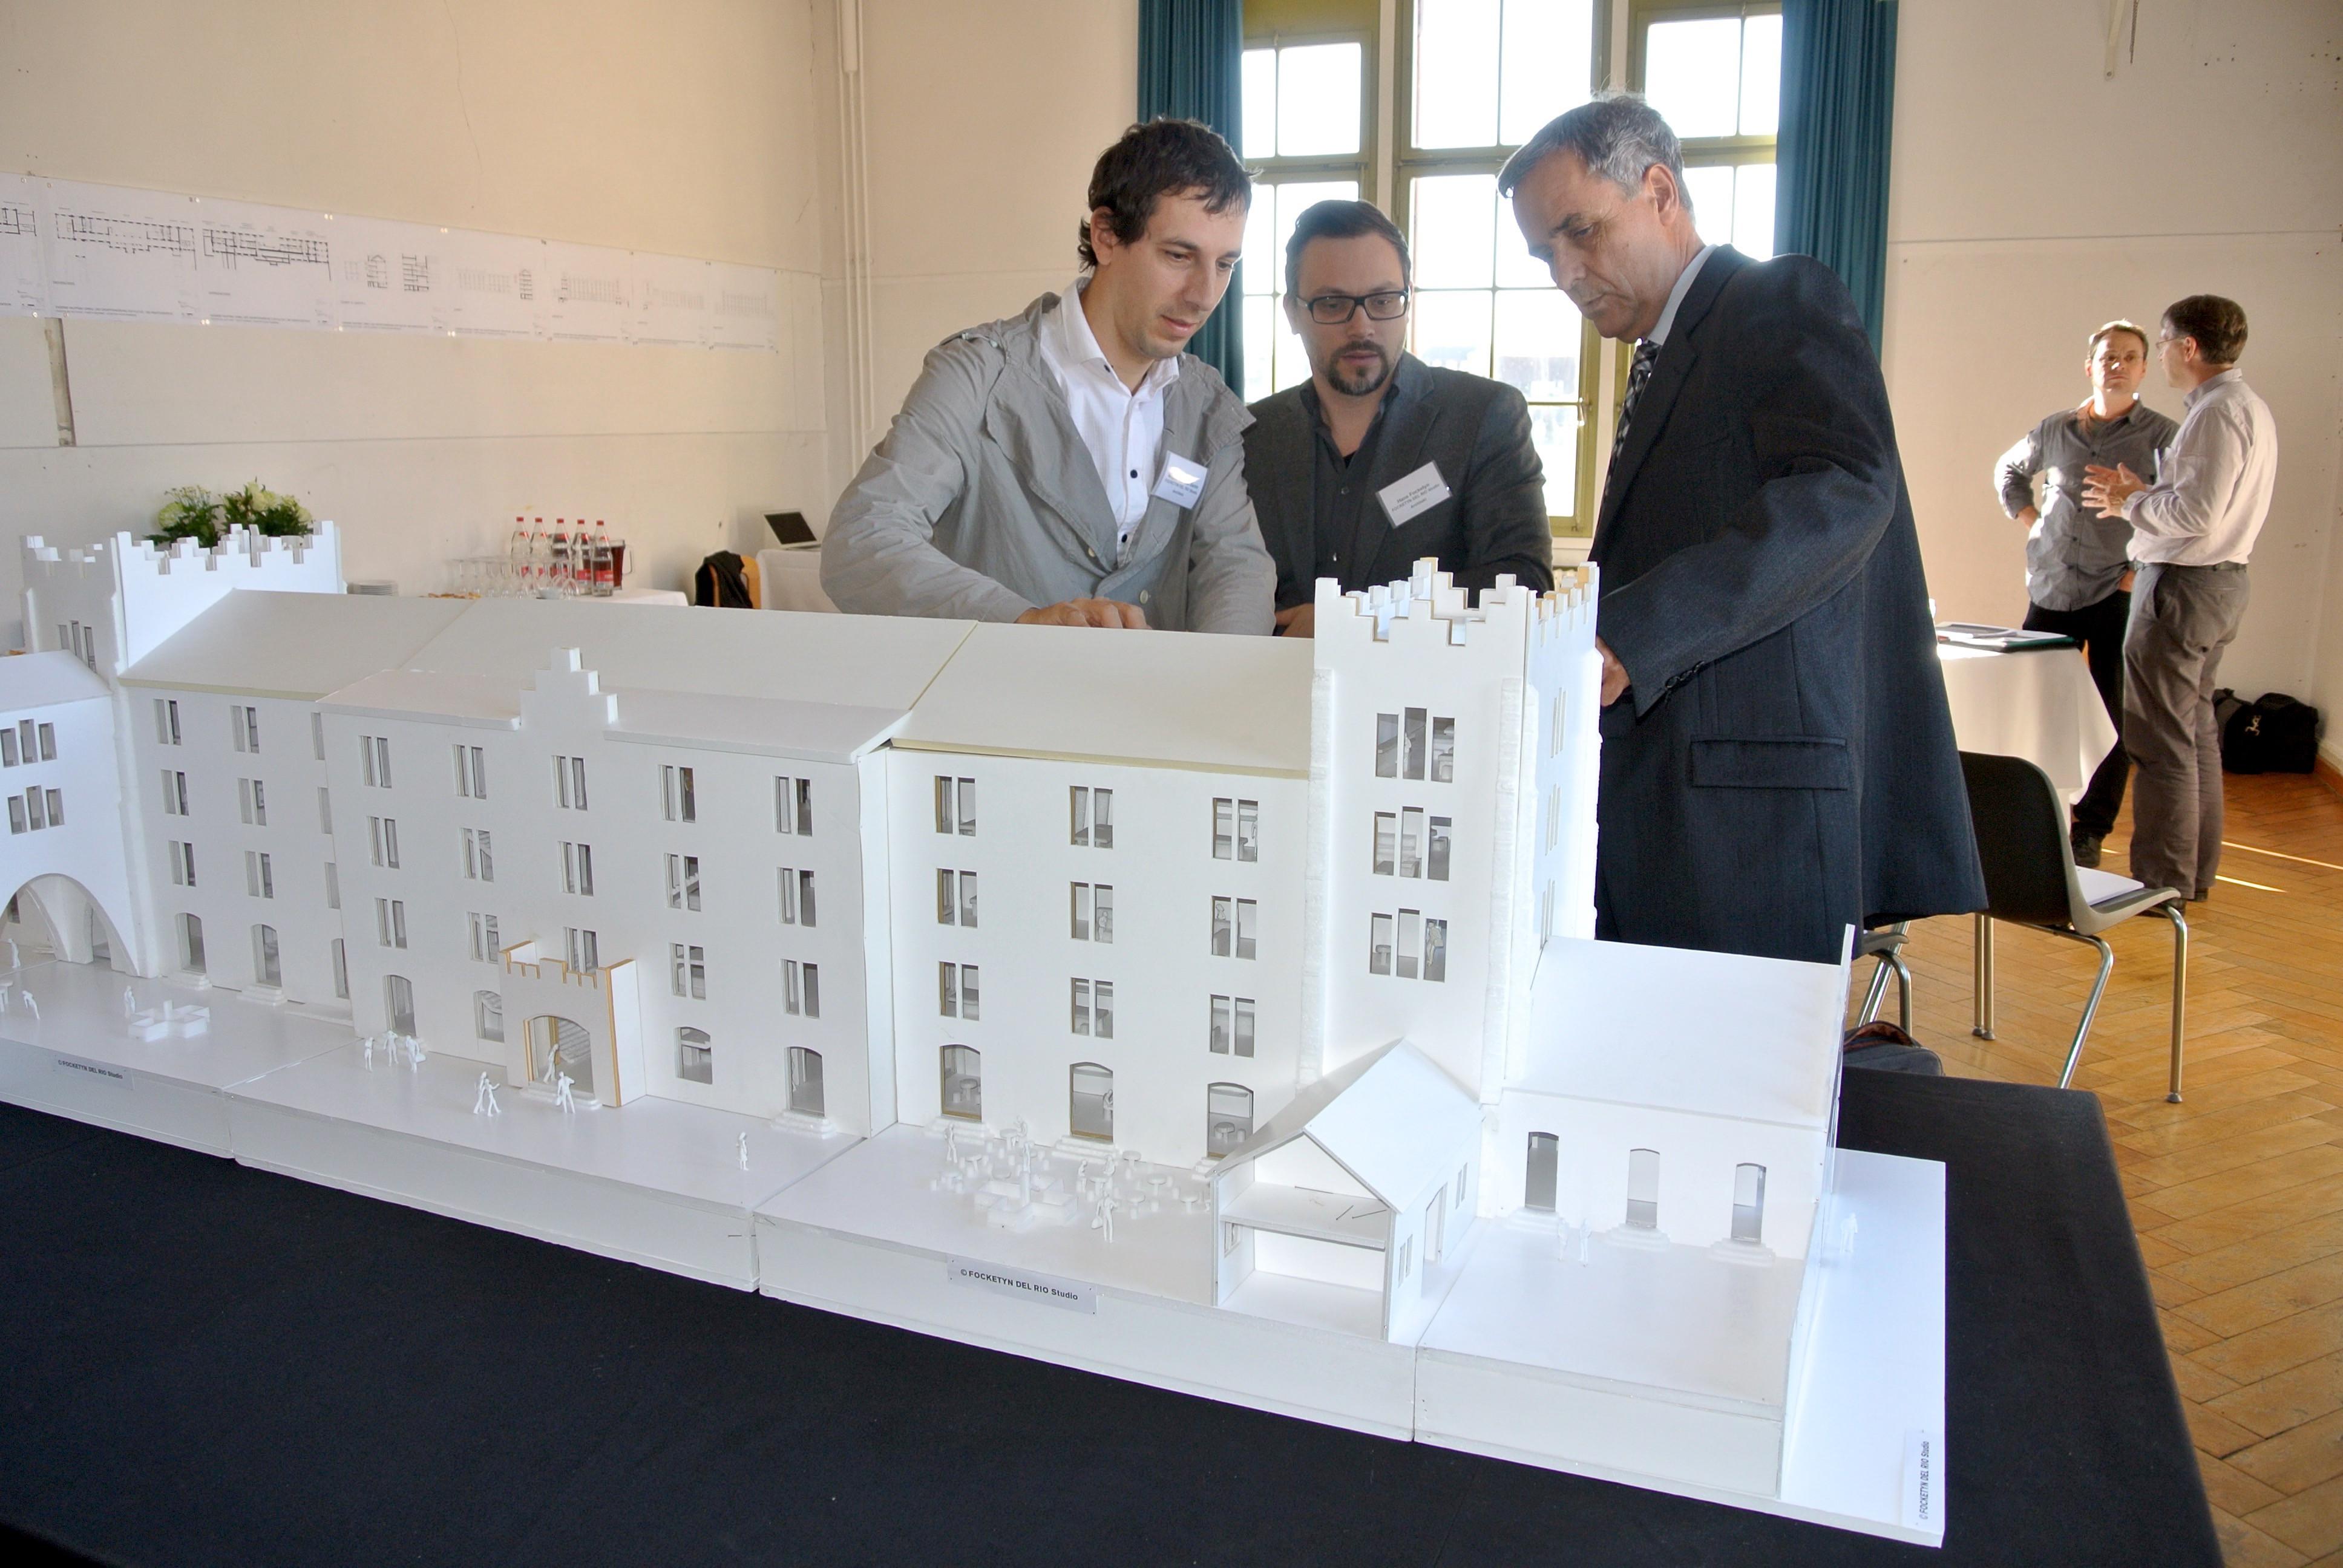 Guuy Morin mit dem Architekten des Umbauprojekts, Focketyn del Rio.